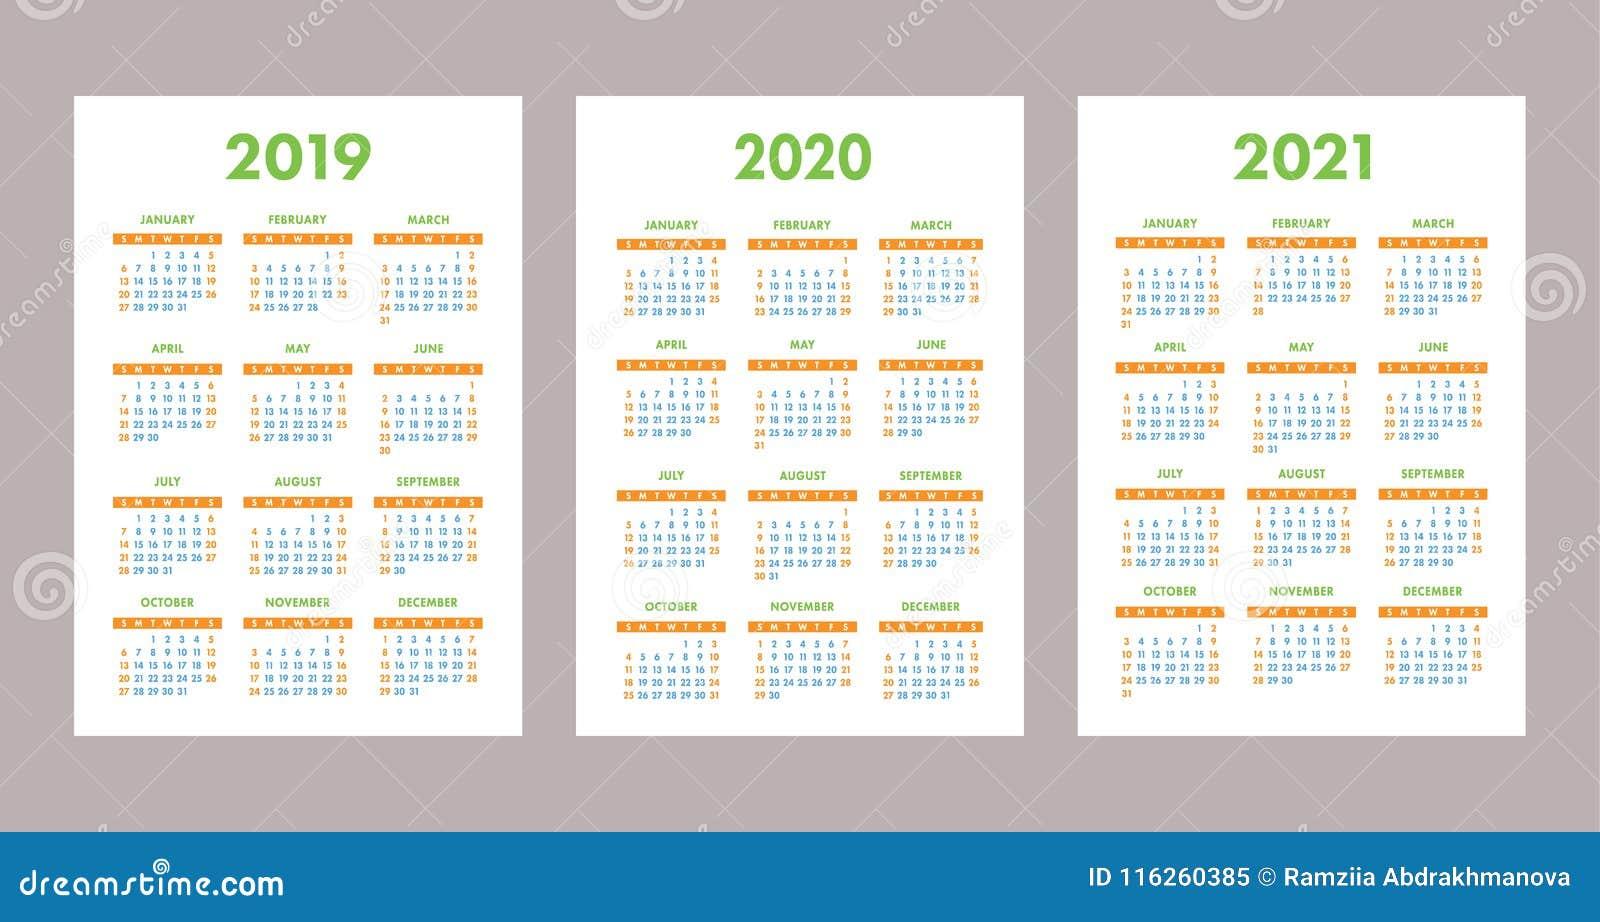 Immagini Calendario 2020 Gennaio.2019 2020 Un Insieme Di 2021 Calendario Colore Tasca